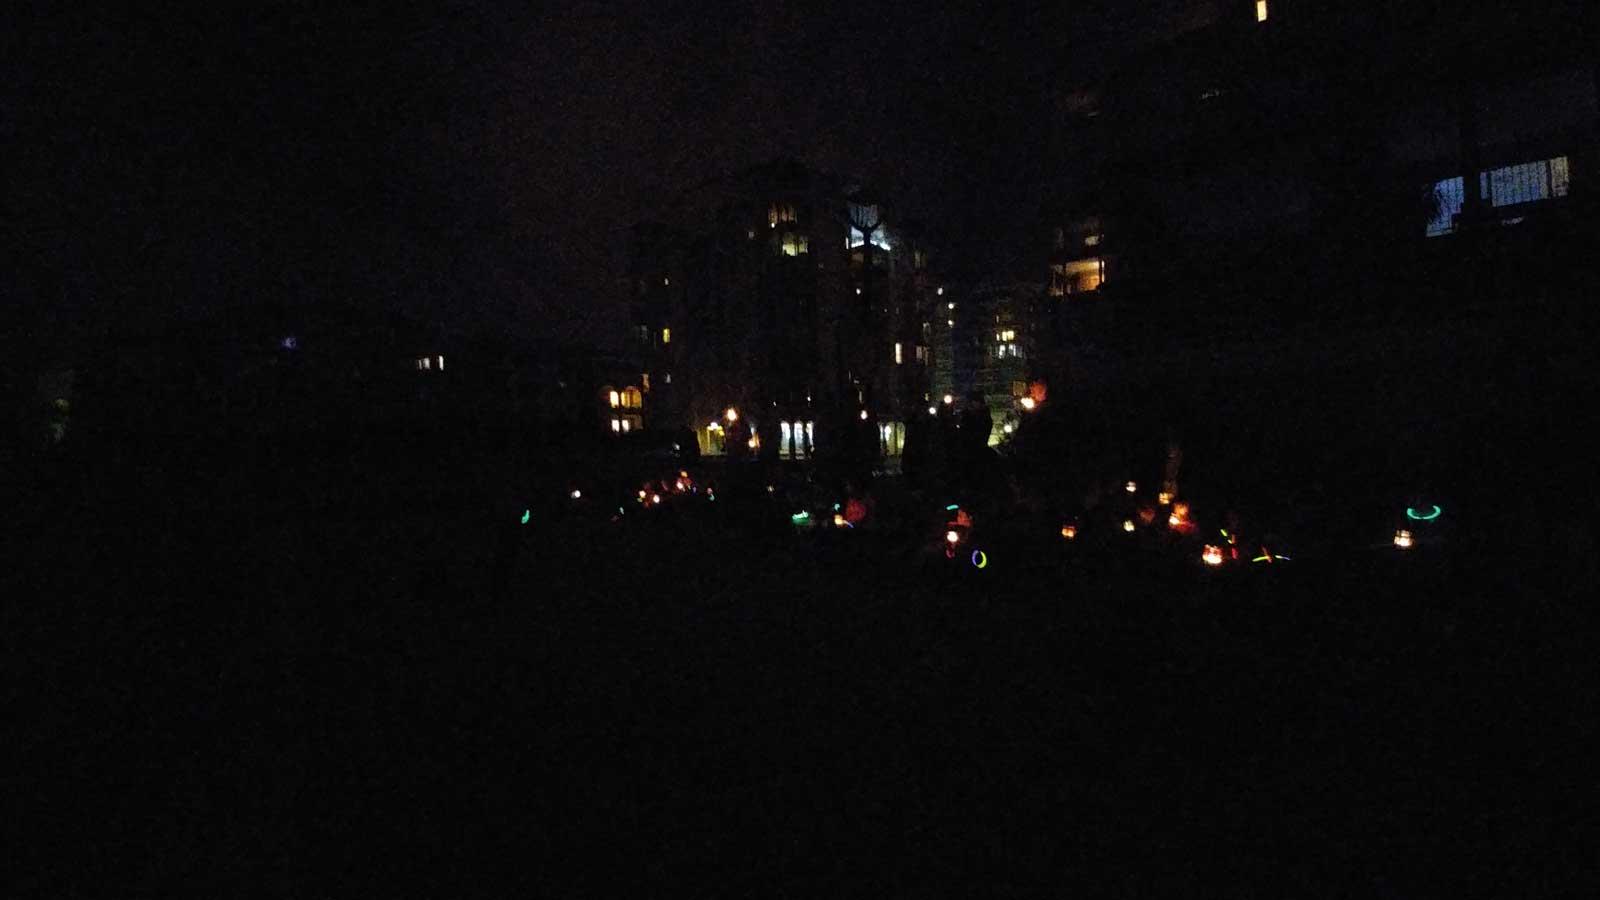 Le jour de la nuit à Lattes 1